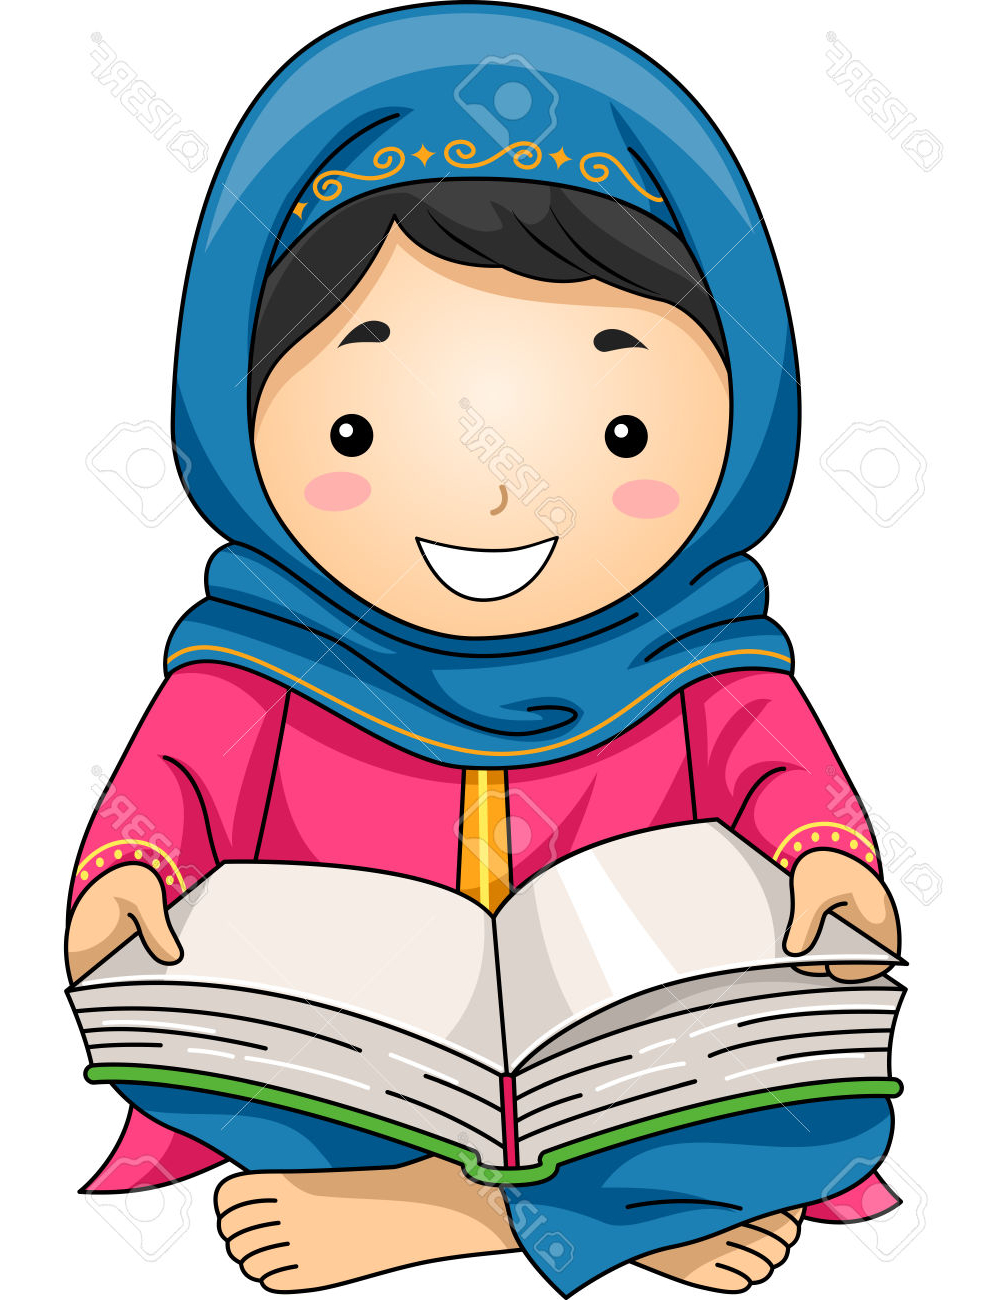 981x1300 Cartoon Drawings Of Muslim Girls A Cute Muslim Girl Cartoon